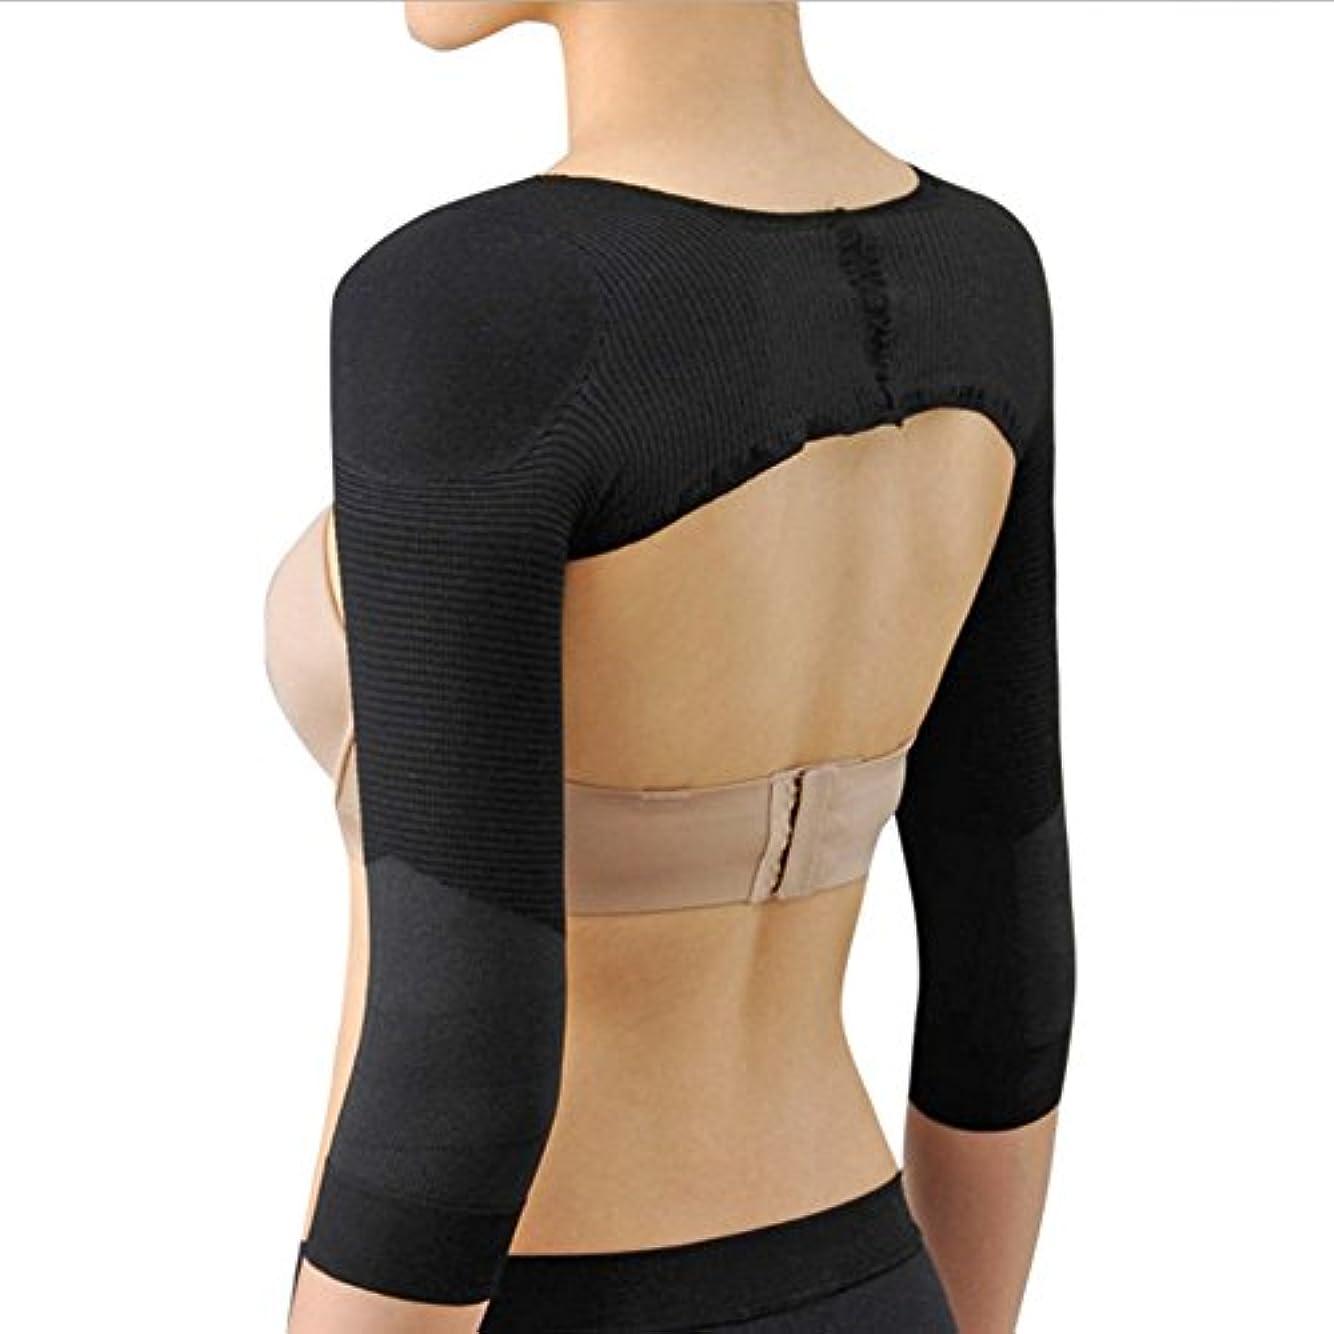 JCL 肩甲骨シェイパー 二の腕シェイプアップ 猫背矯正ベルト 肩サポーター インナー 肩こり 解消グッズ L ブラック